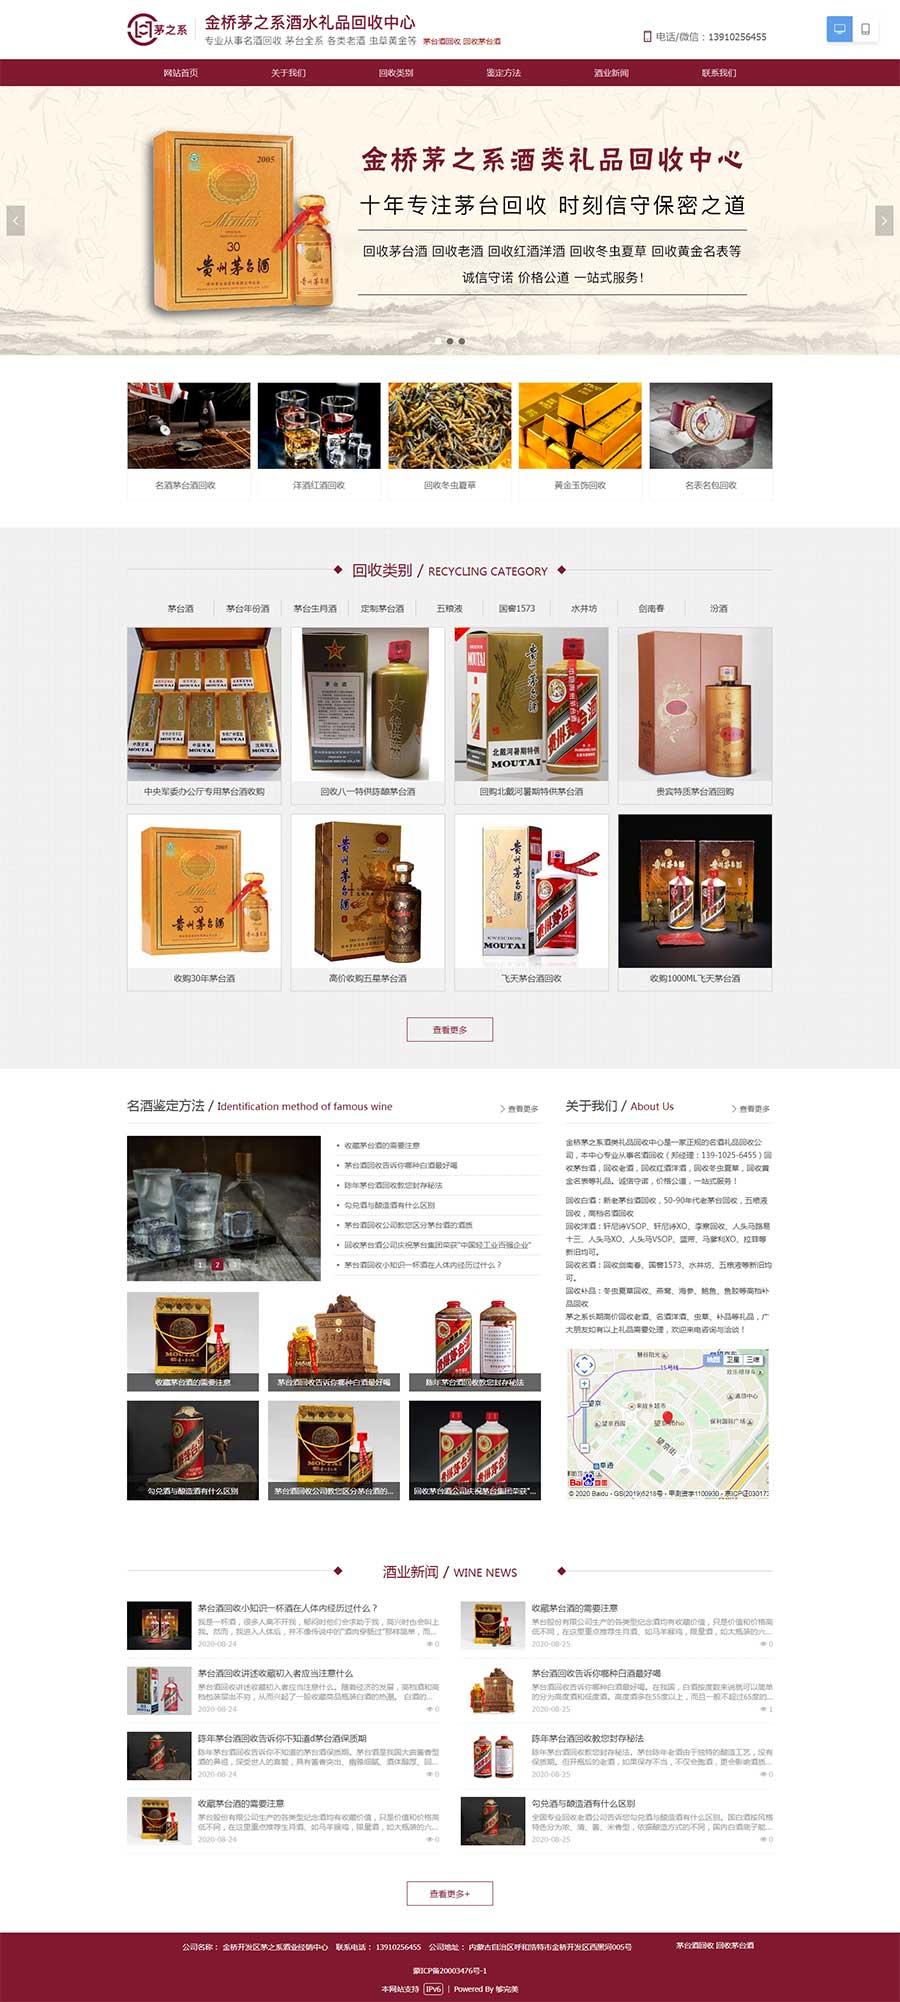 名酒茅台酒回收网站设计-茅之系回收网站由我司SAAS建站制作